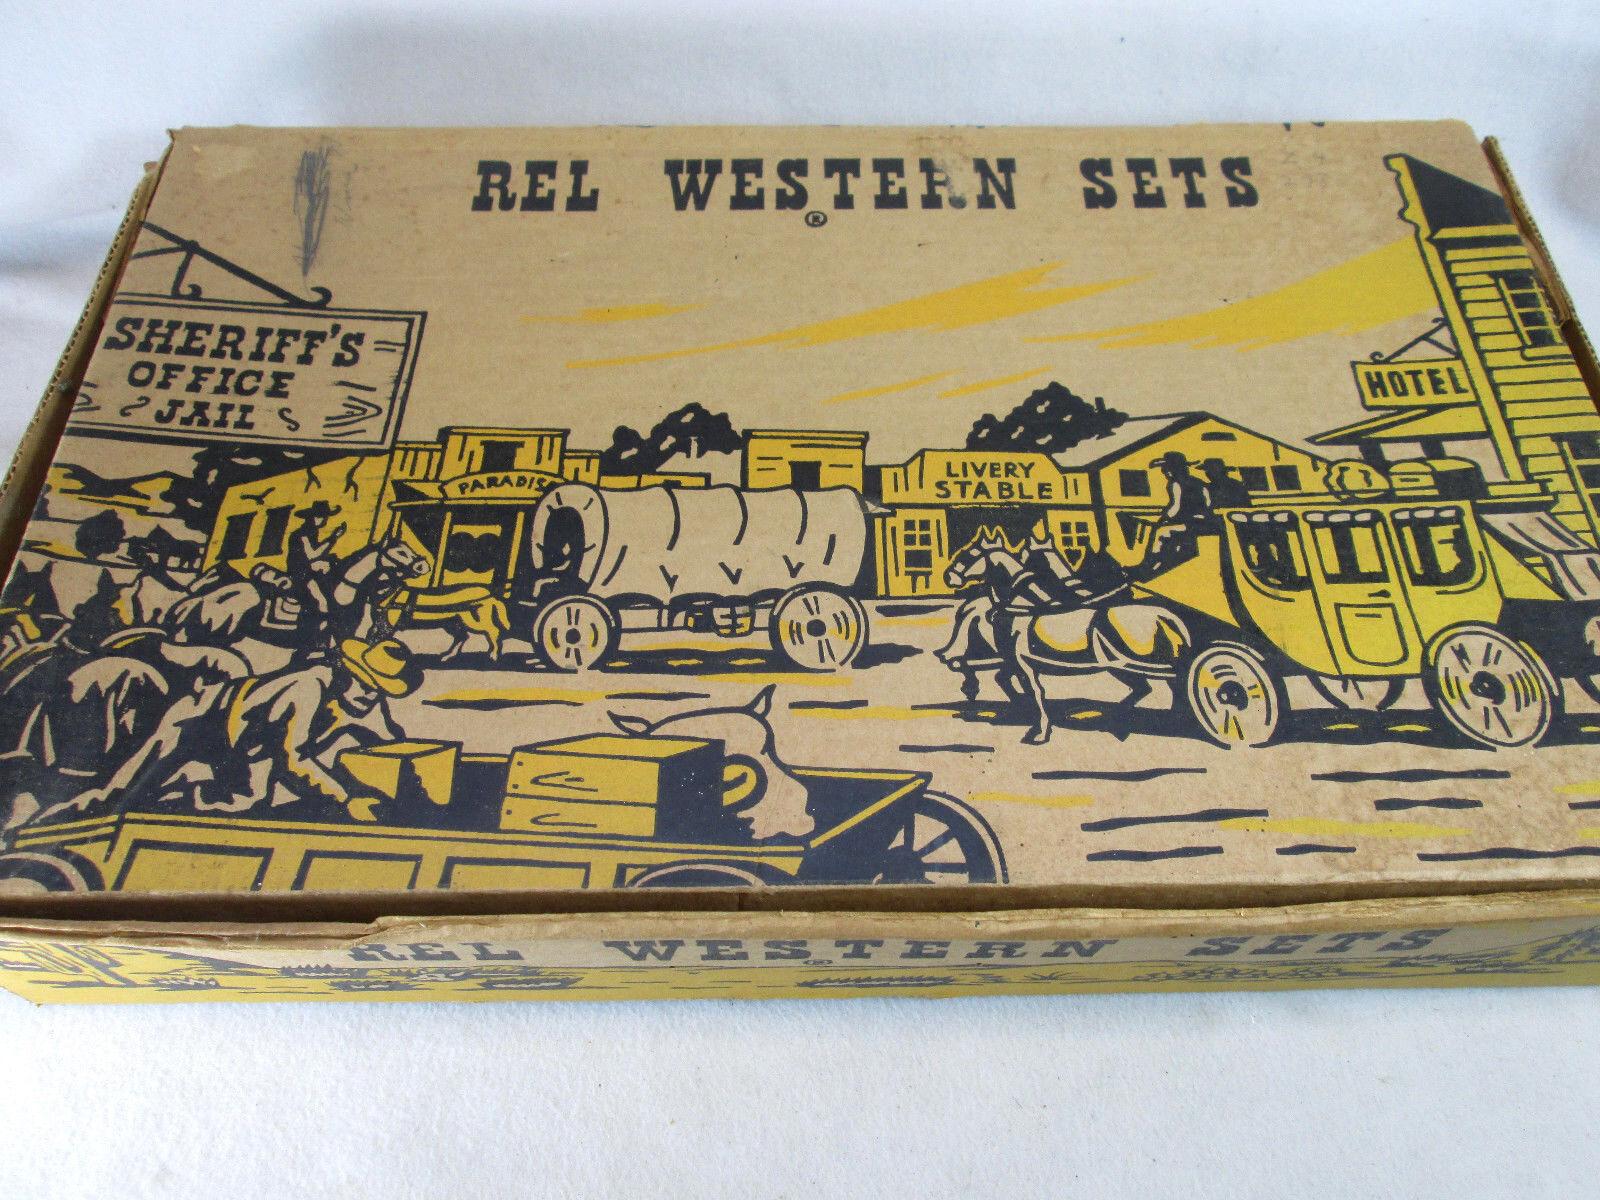 Vintage década de 1950 Rel Western Juego Plástico Caballos vagones & Vaqueros